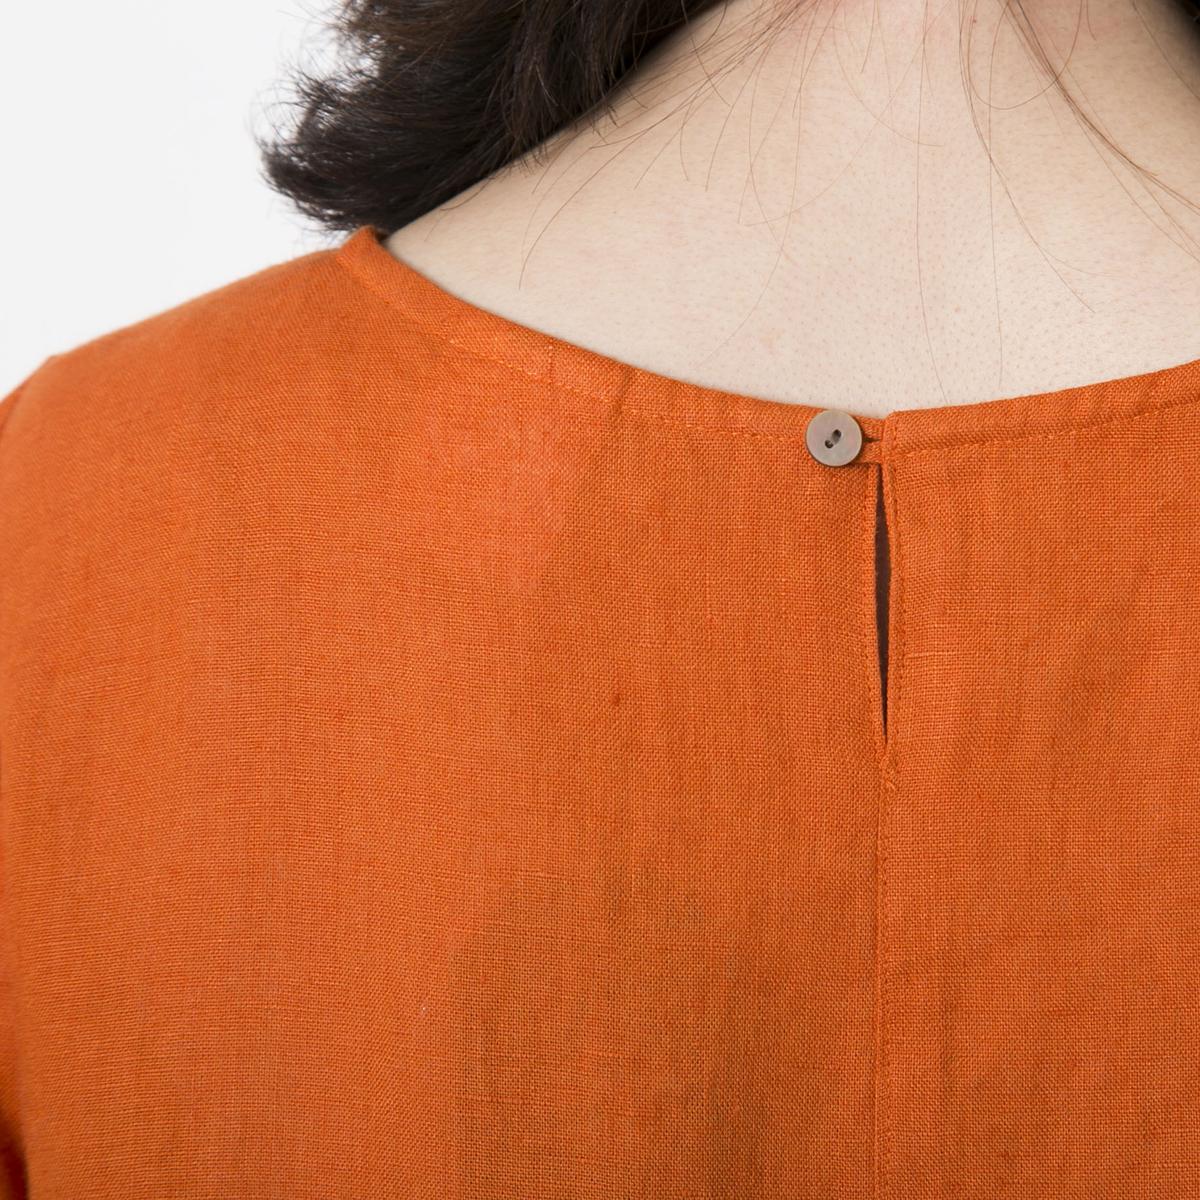 n.o.f.l/リトアニアリネン 半袖ワンピース オレンジ